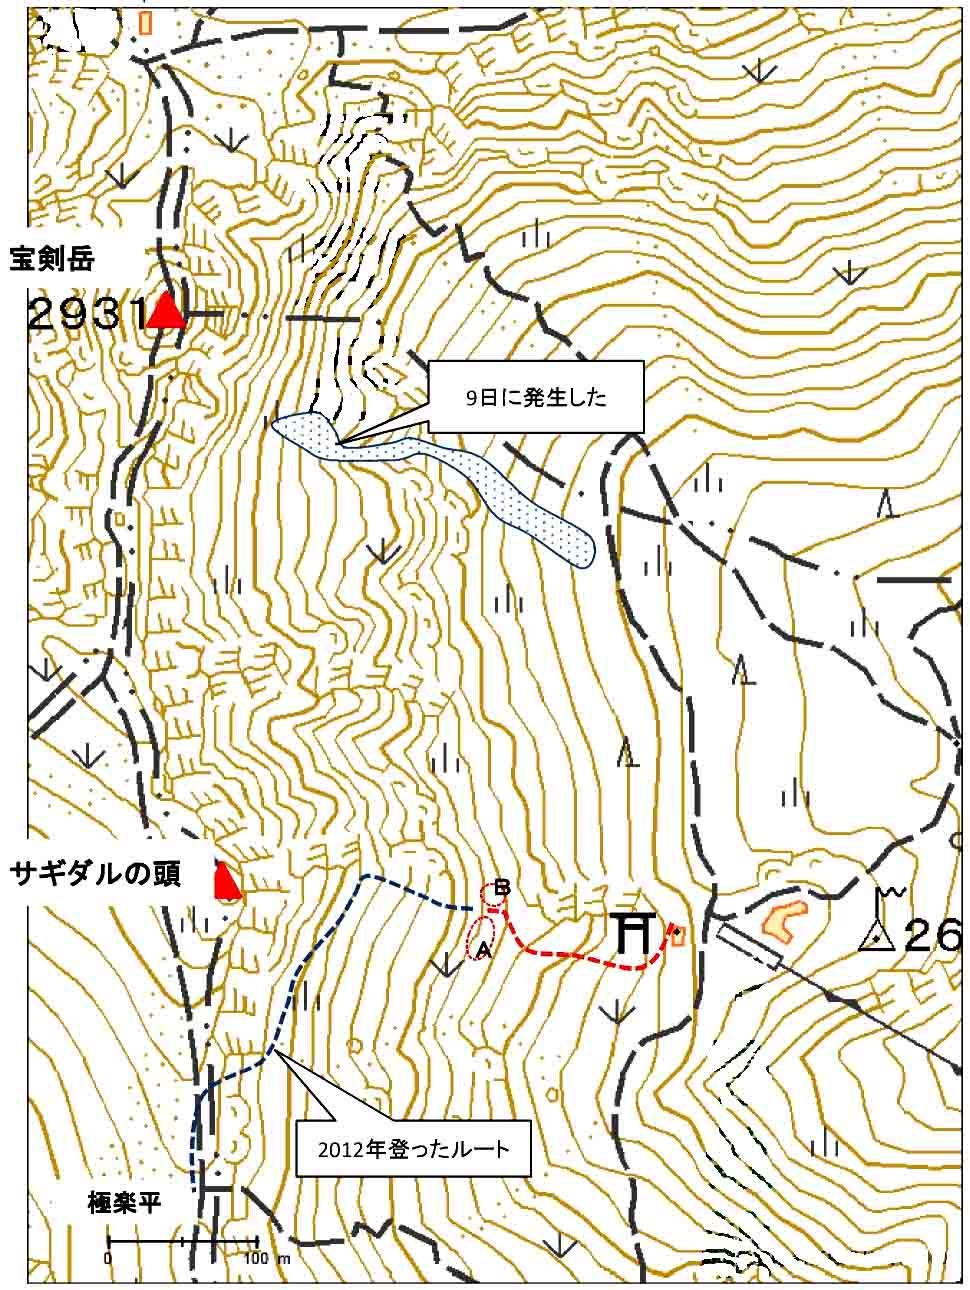 宝剣周辺の地図と位置